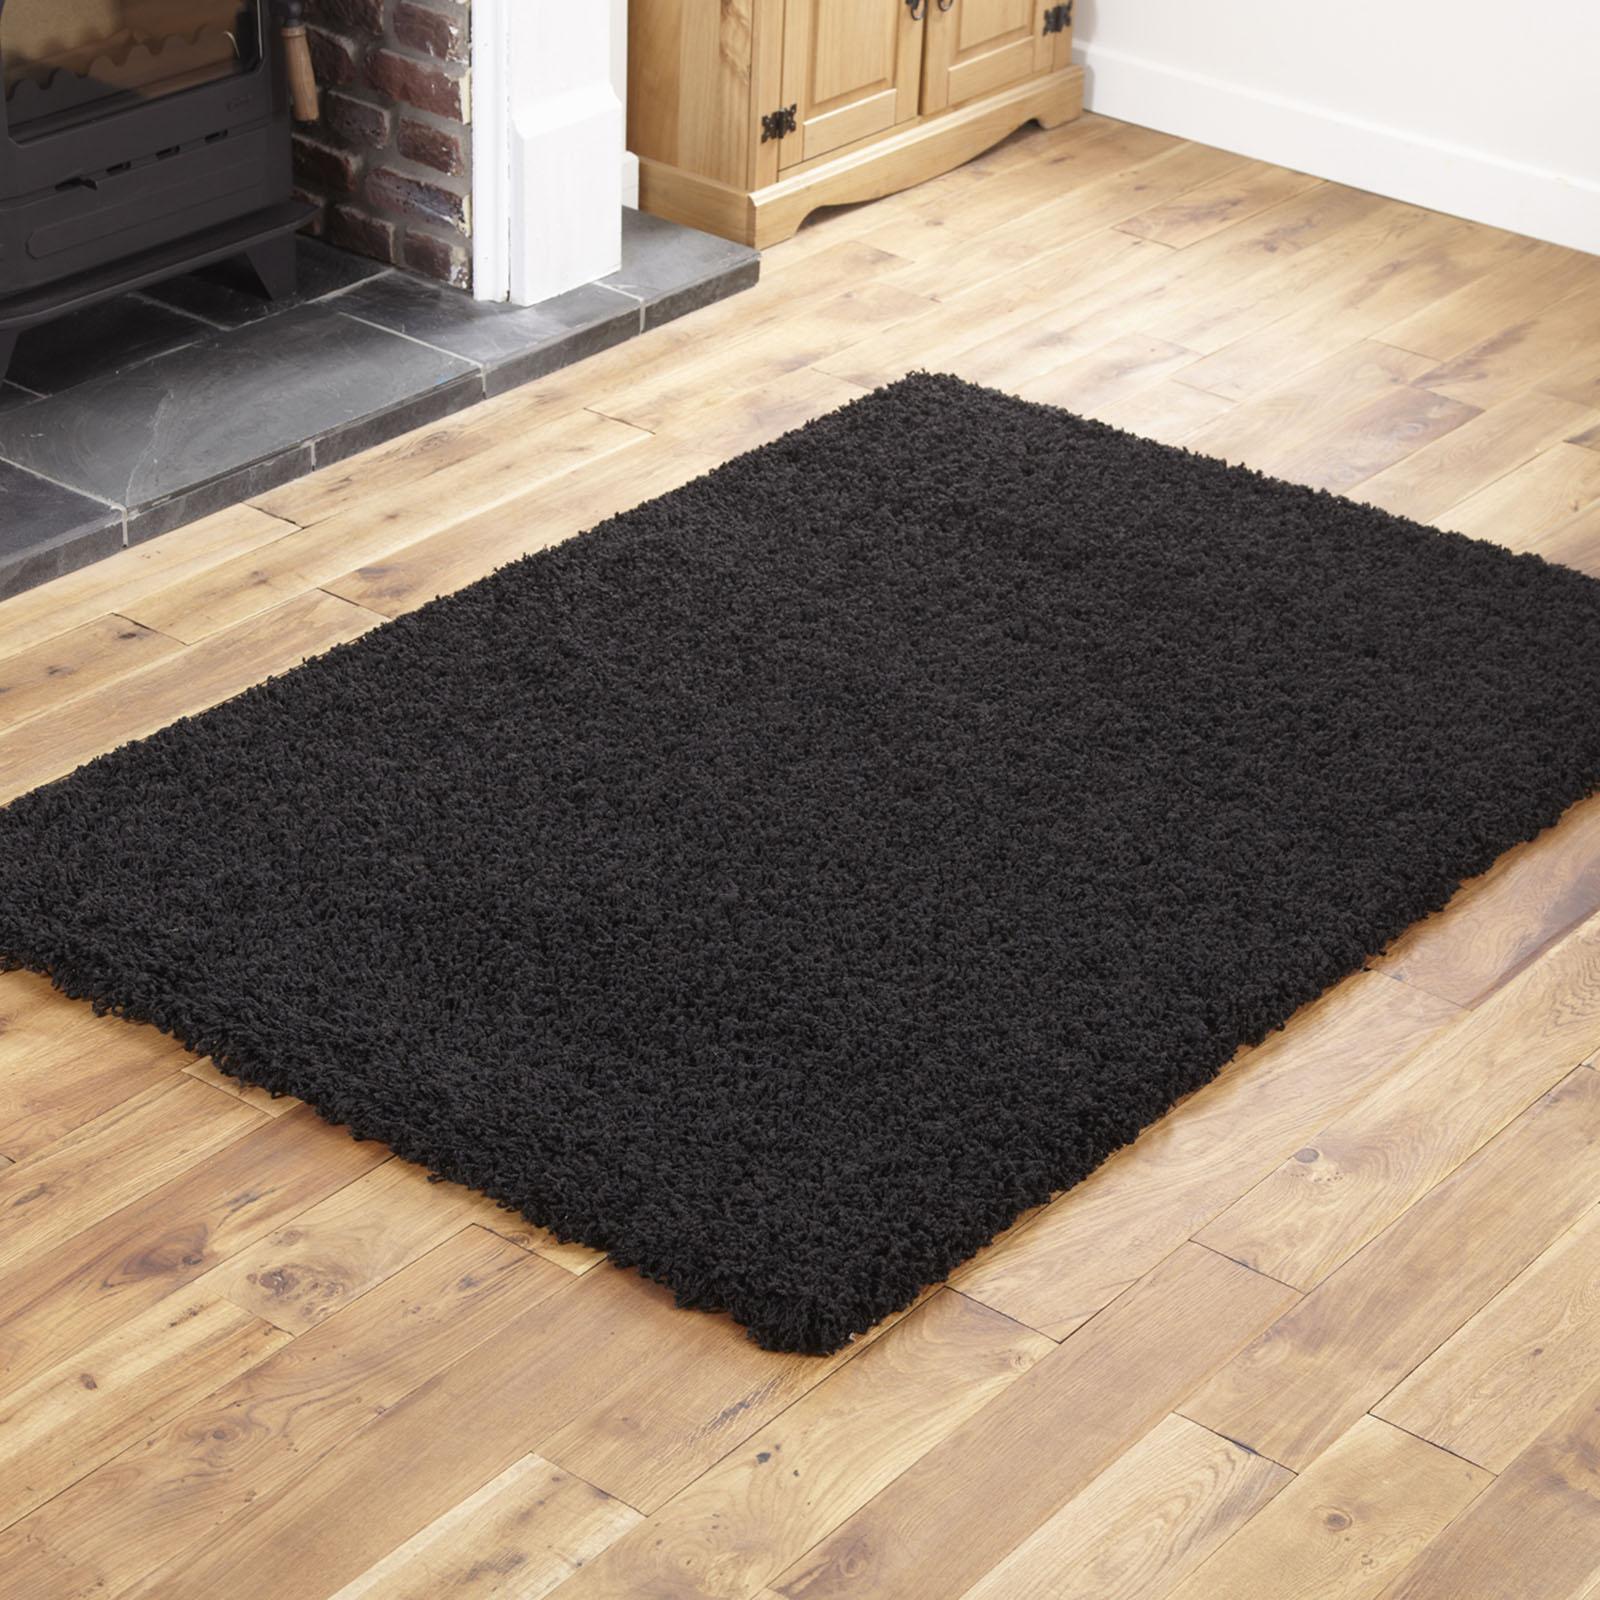 117 5cm Pile - Black